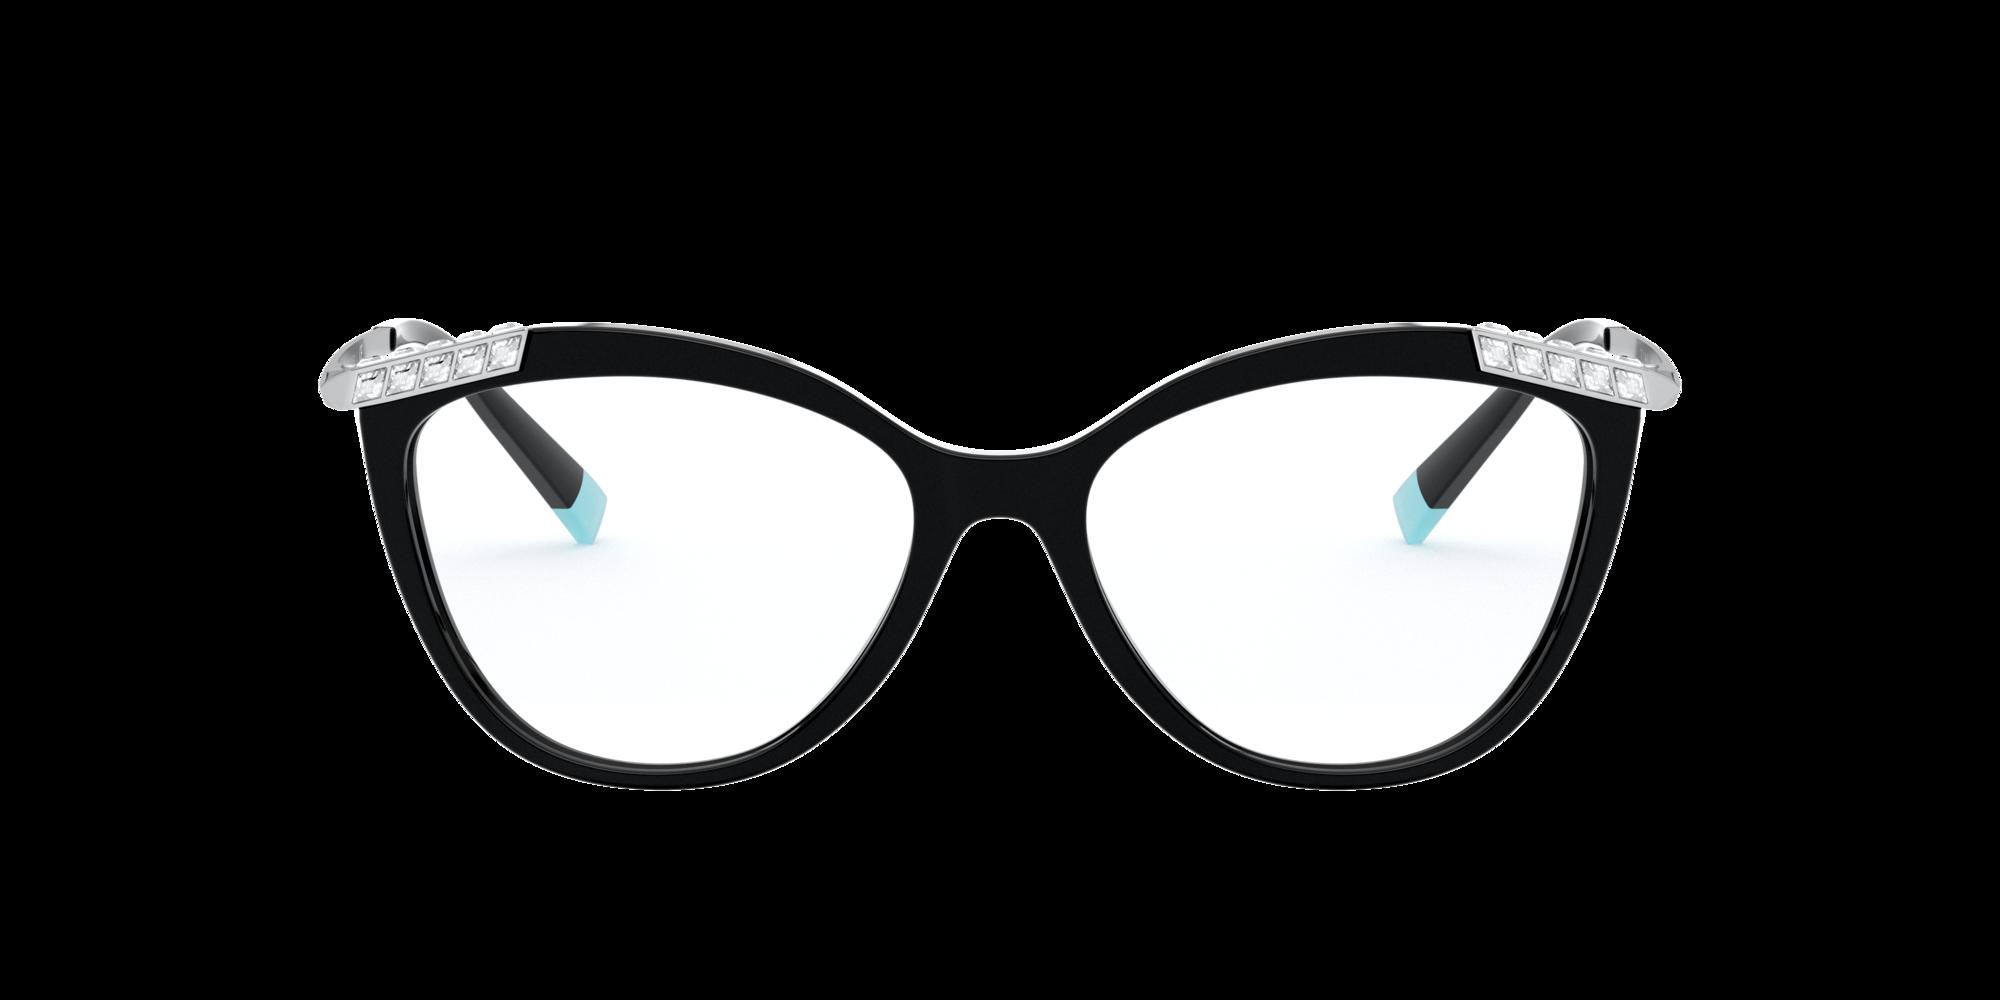 Imagen para TF2198B de LensCrafters |  Espejuelos, espejuelos graduados en línea, gafas